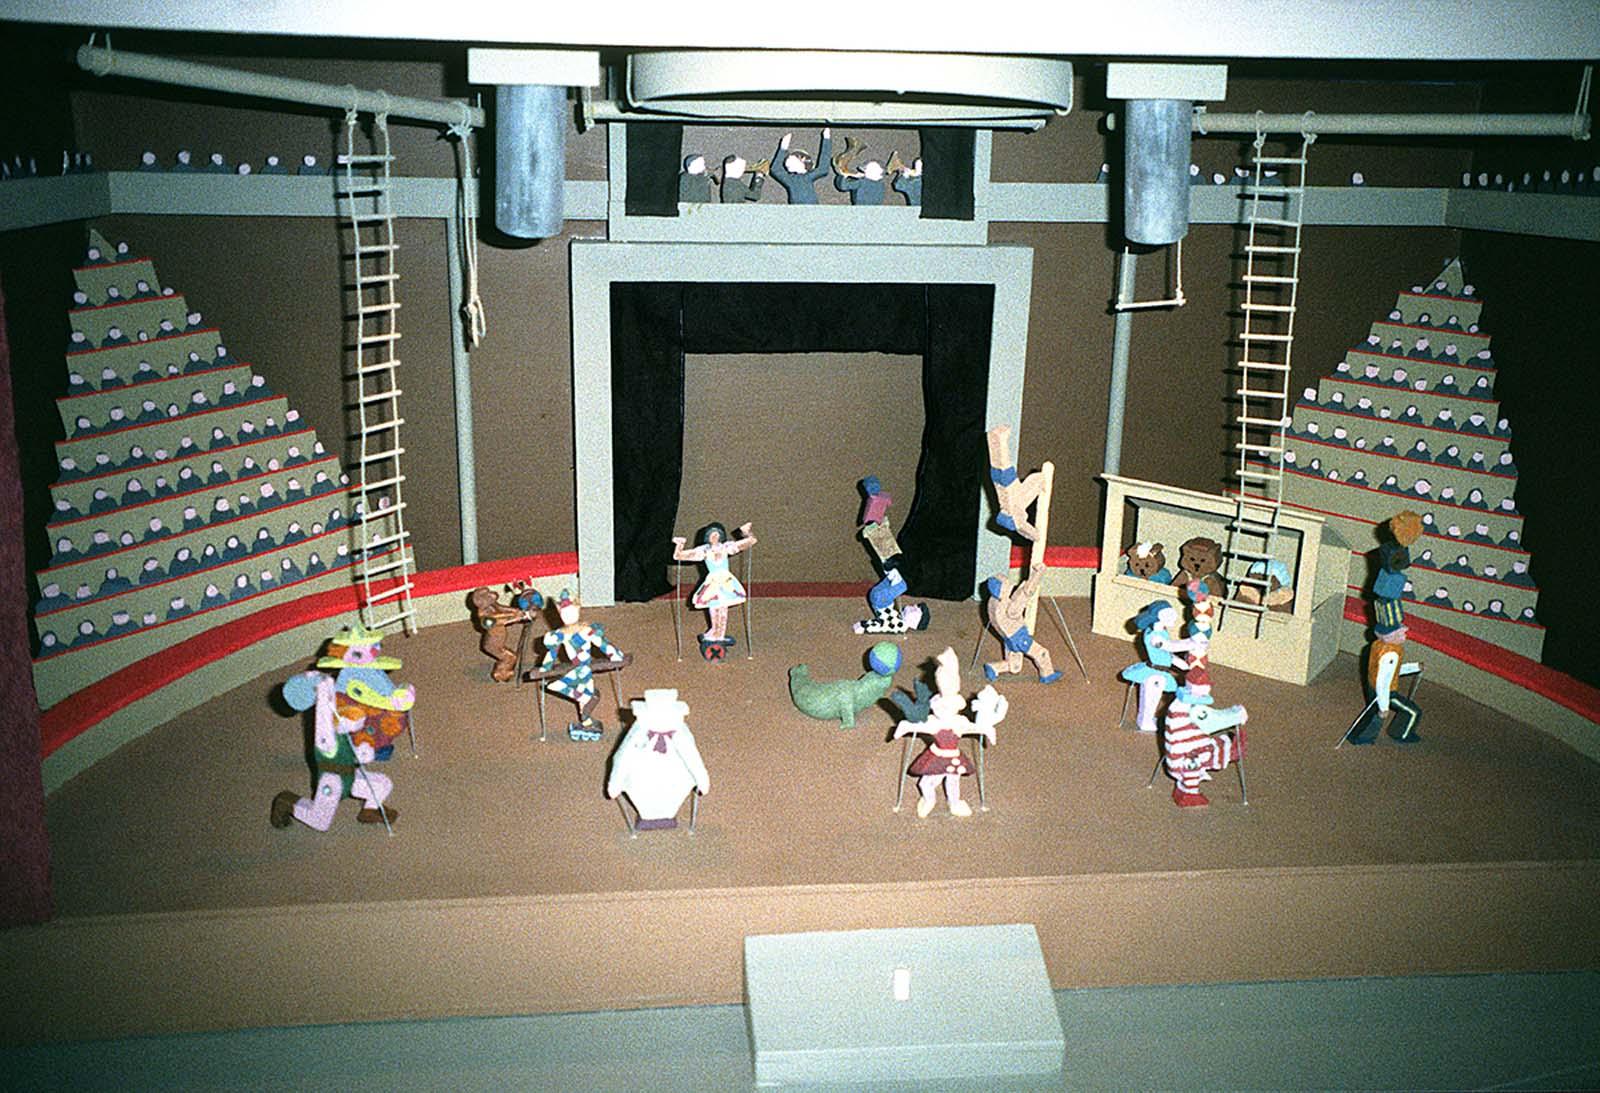 Detail-of-installation-Theater-Grazer-Kunstverein-Graz-2001-1.jpg